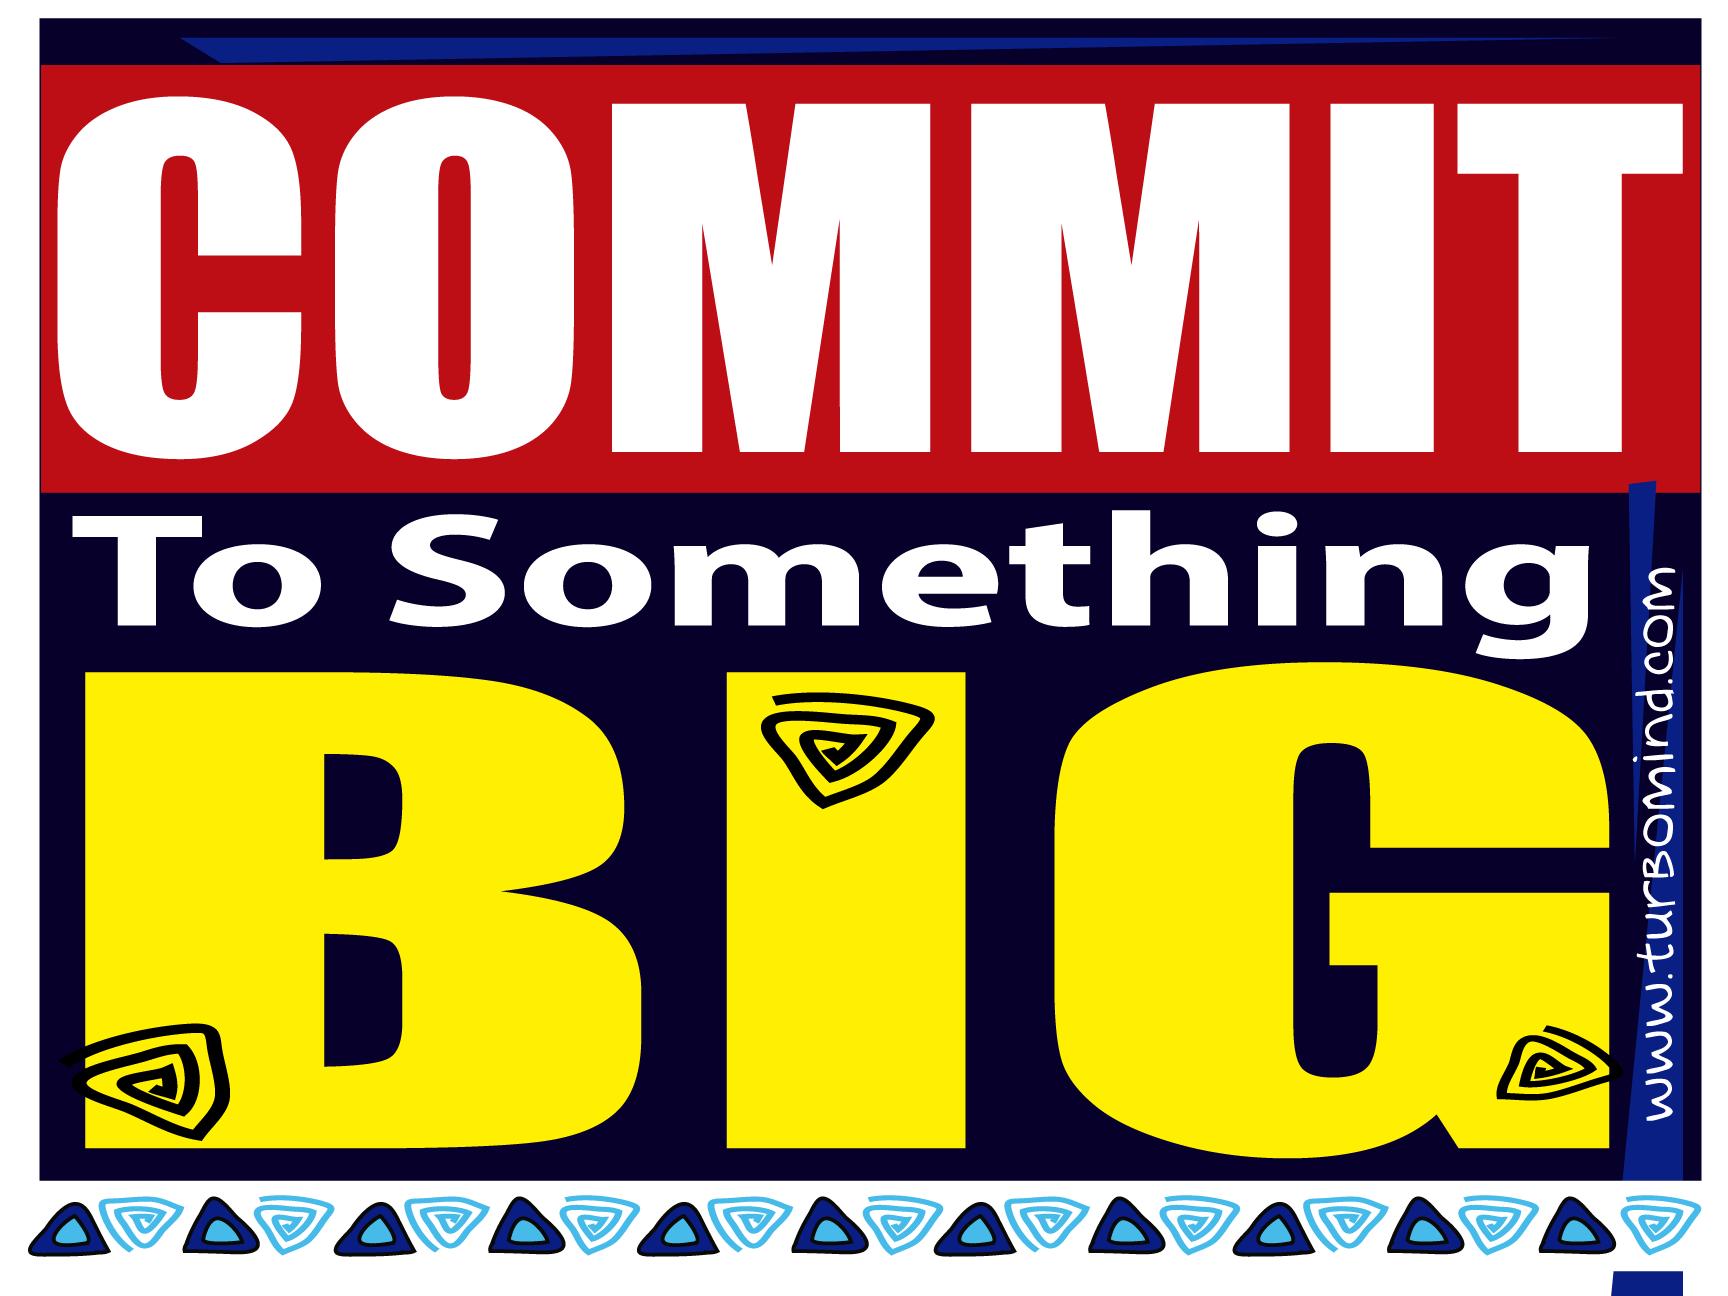 COMMIT TO SOMETHING BIGGG